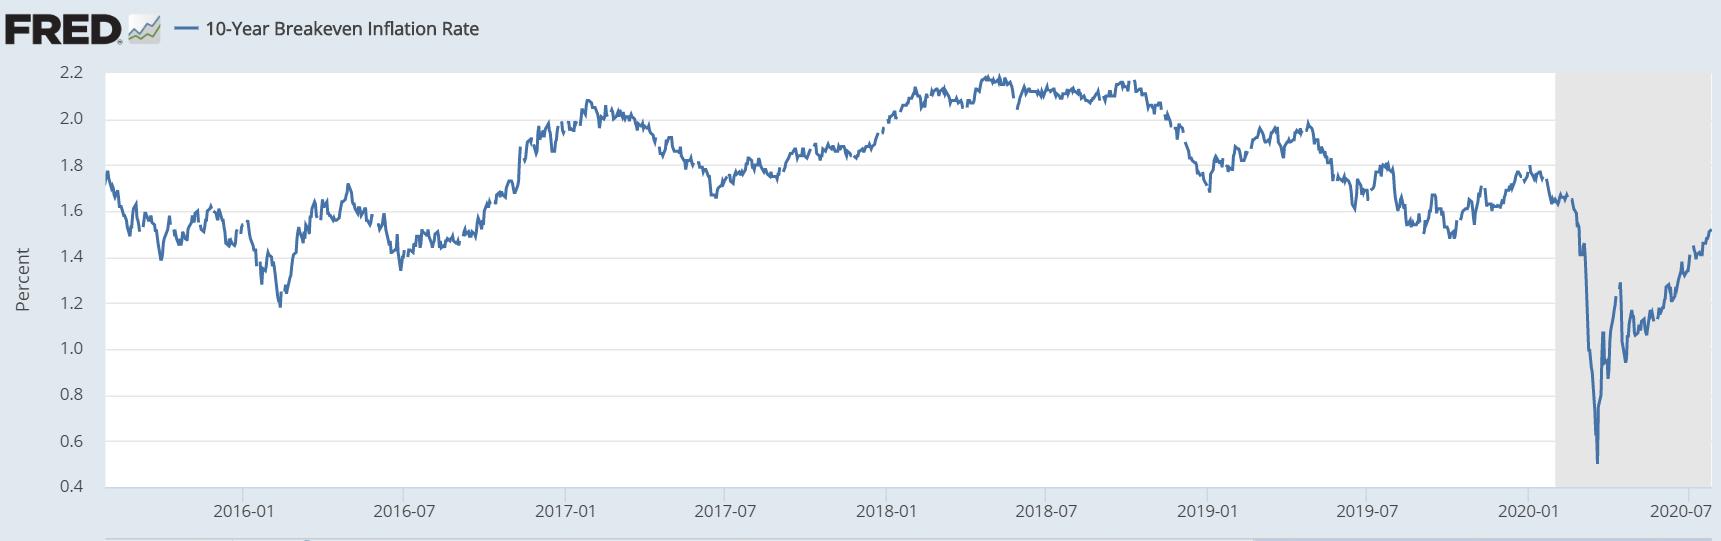 Fed 10Y Breakeven Rate